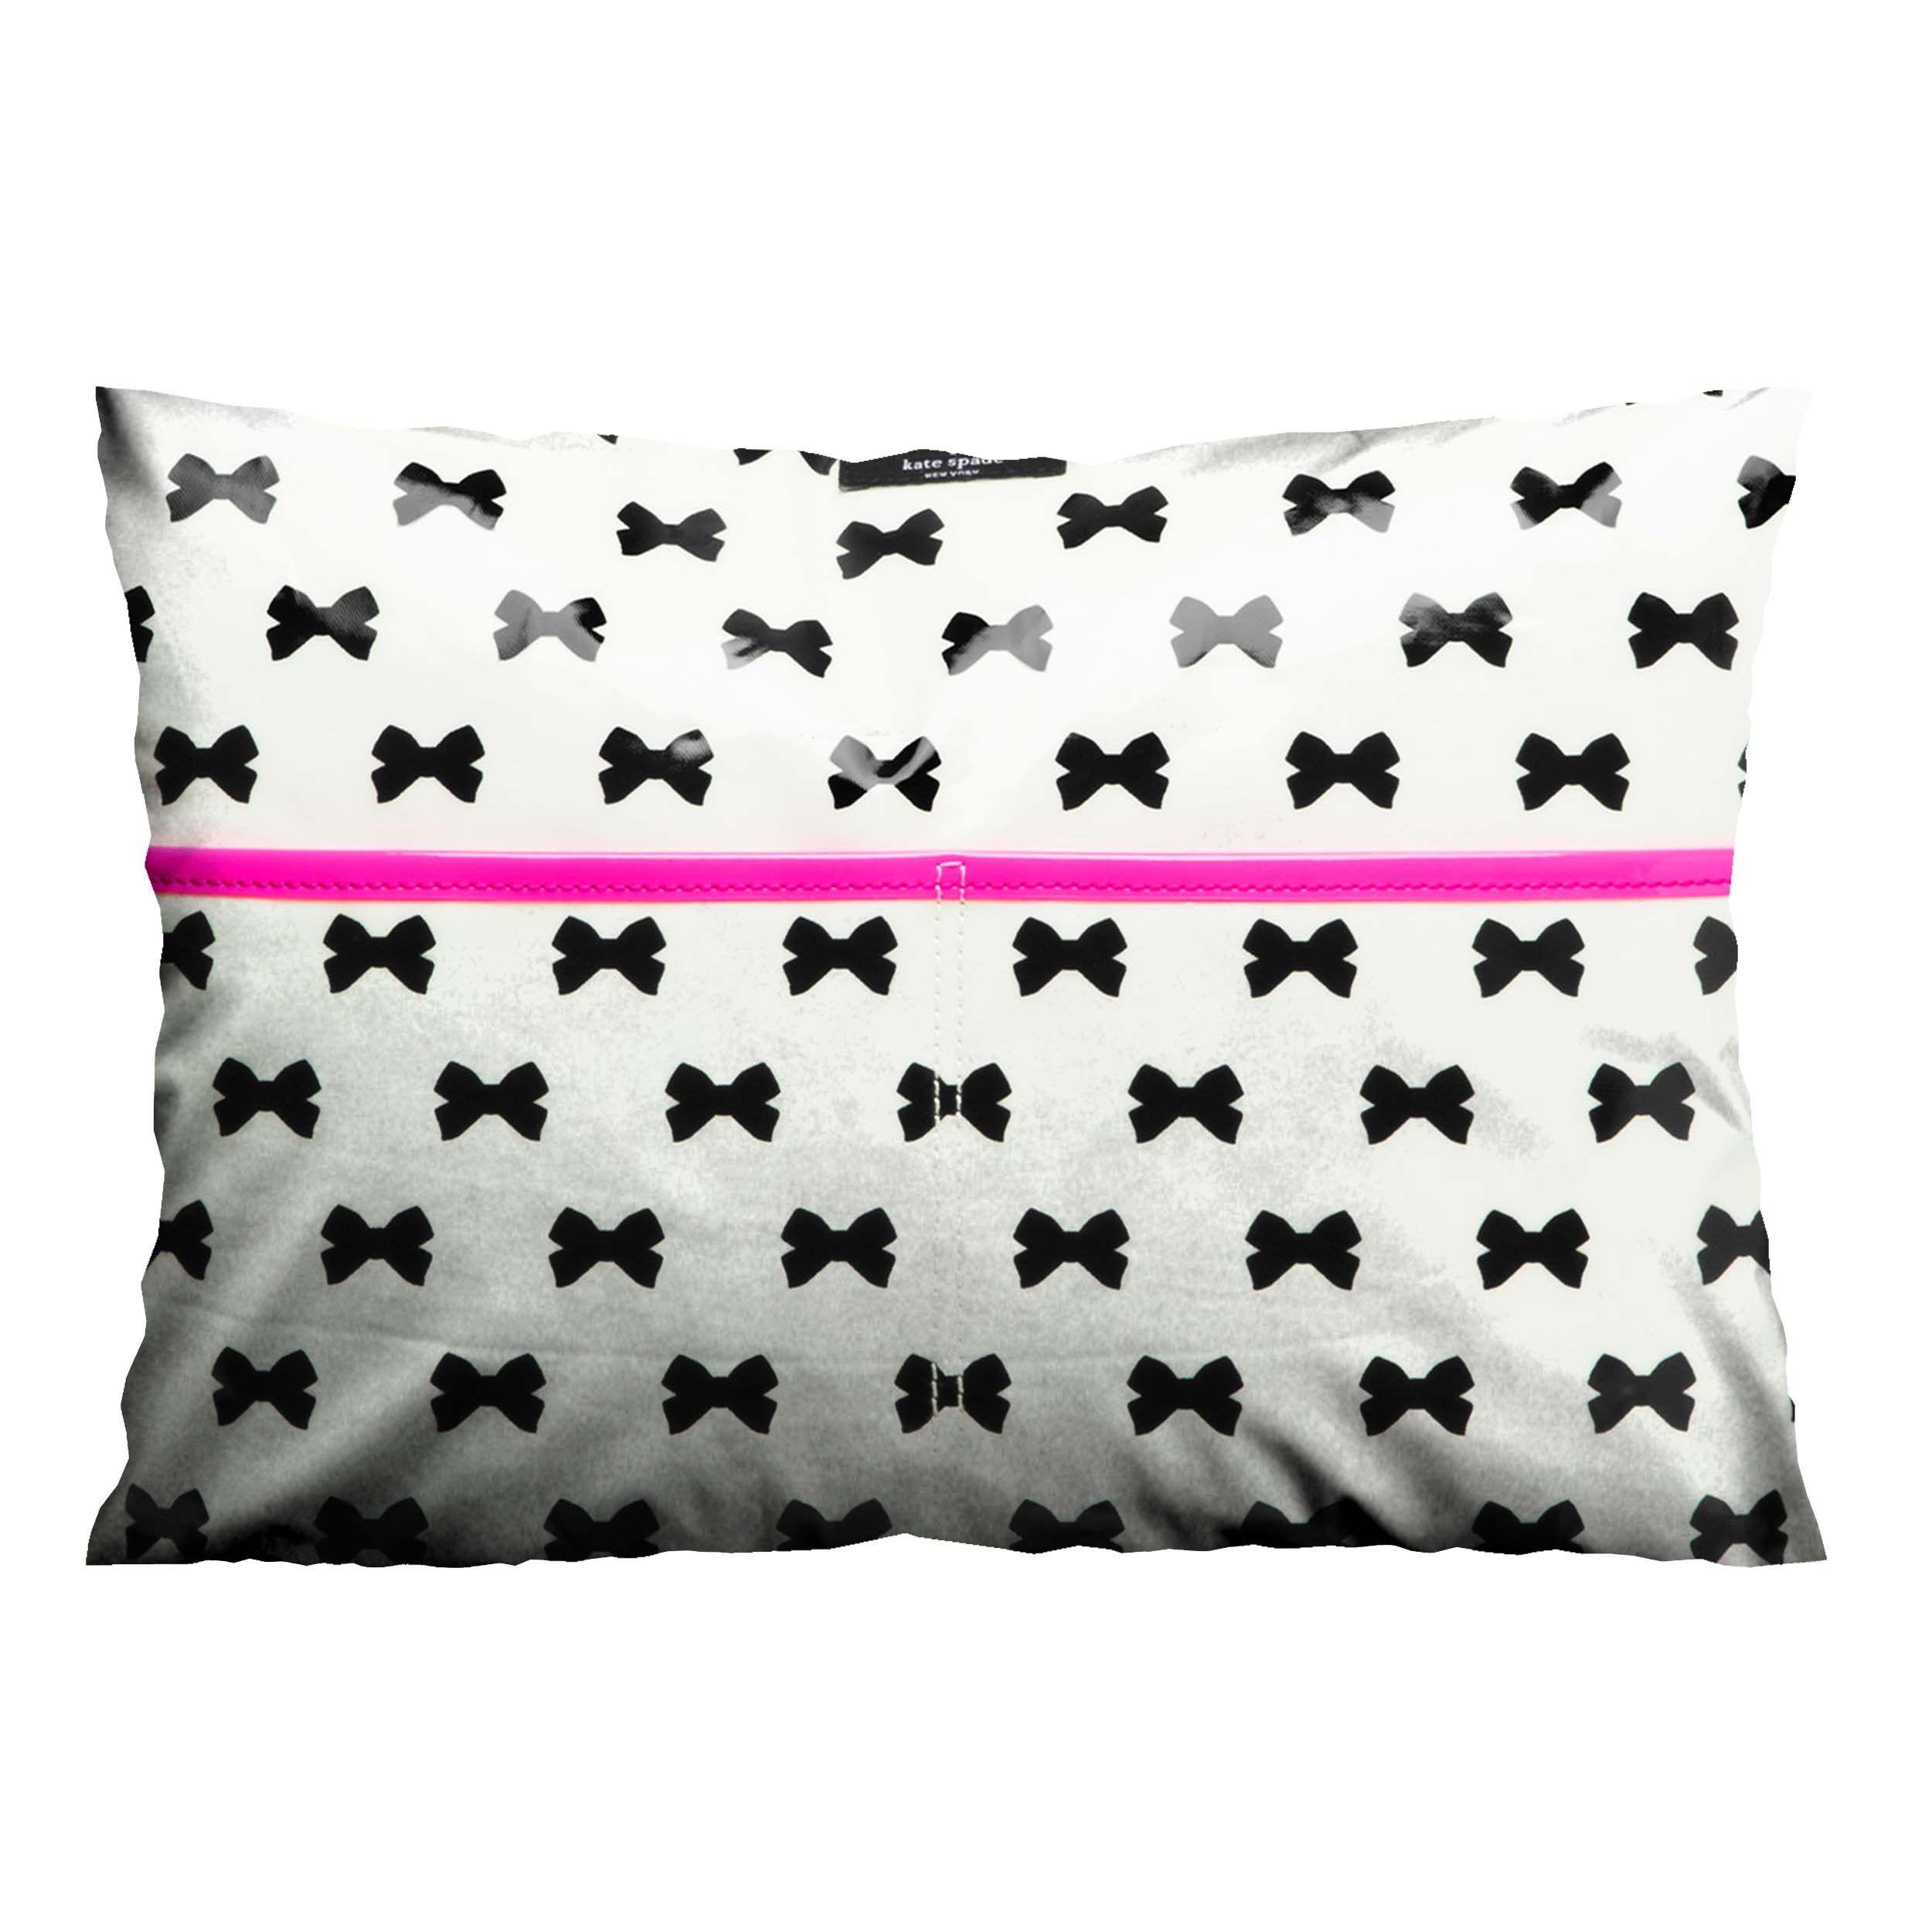 Kate Spade Bag 7 Pillow Case Cover Recta Pillows Pillow Cases